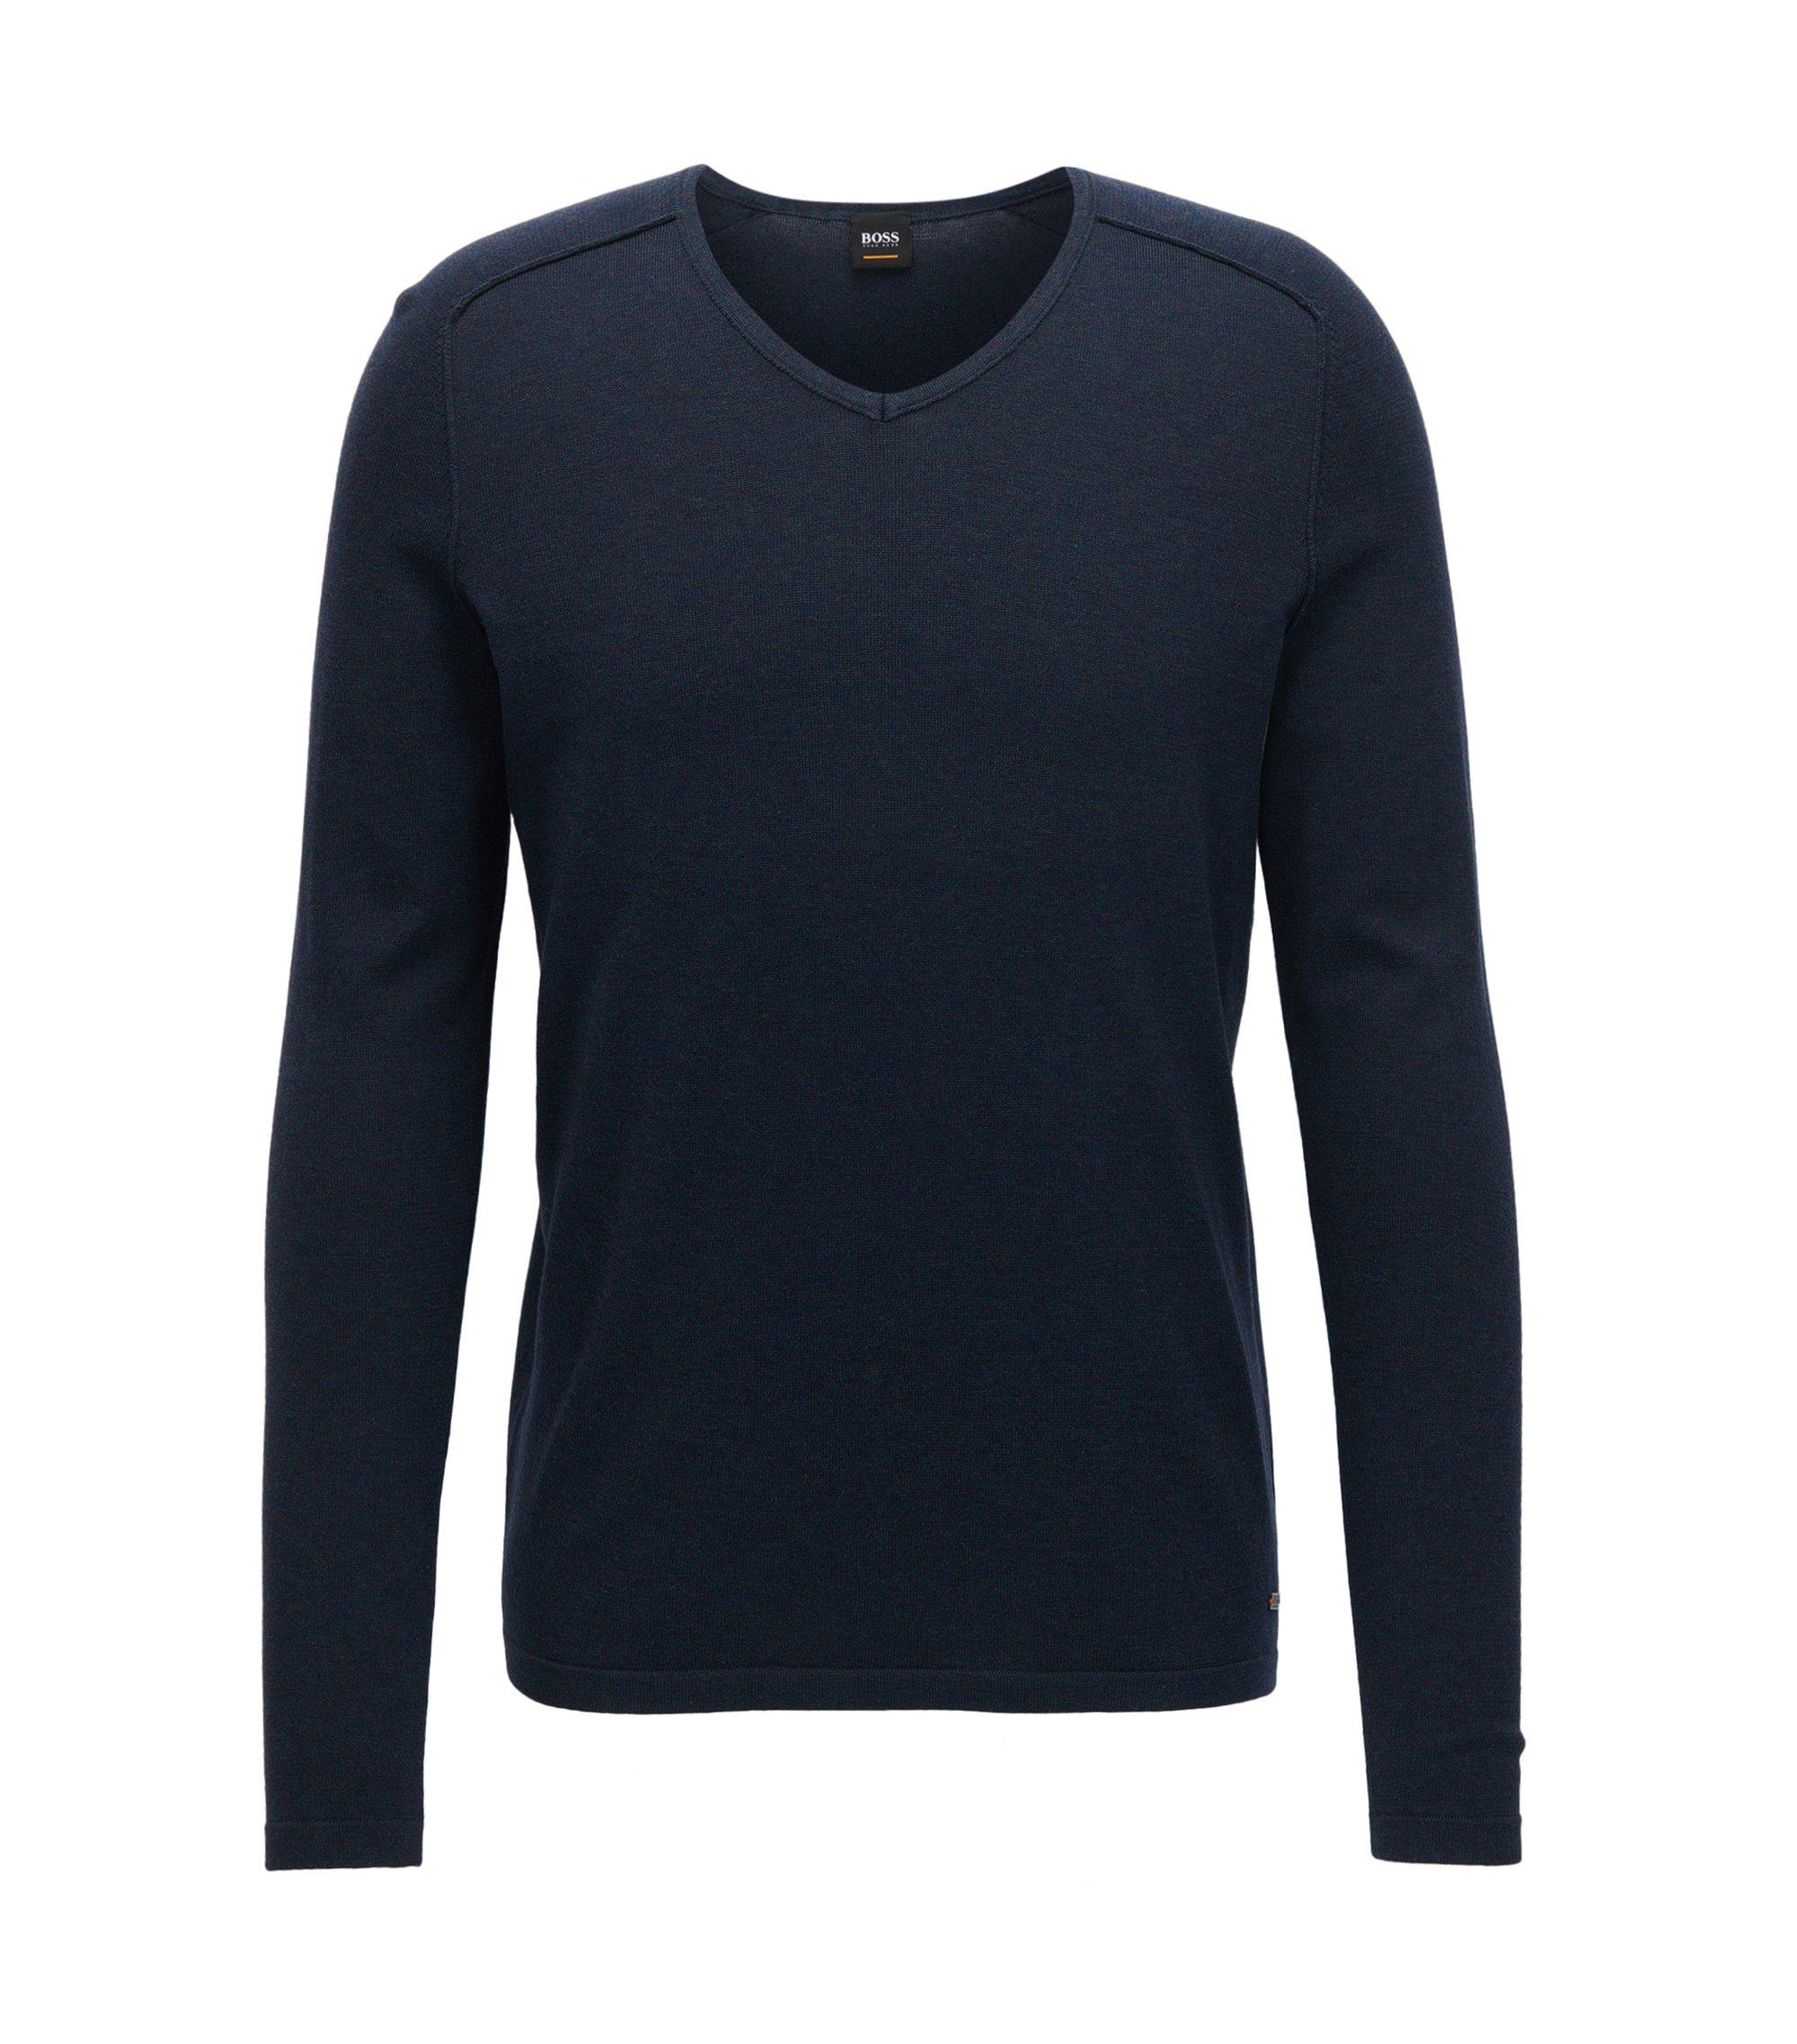 Pullover aus gestrickter Baumwolle mit V-Ausschnitt und Paspel-Details, Dunkelblau